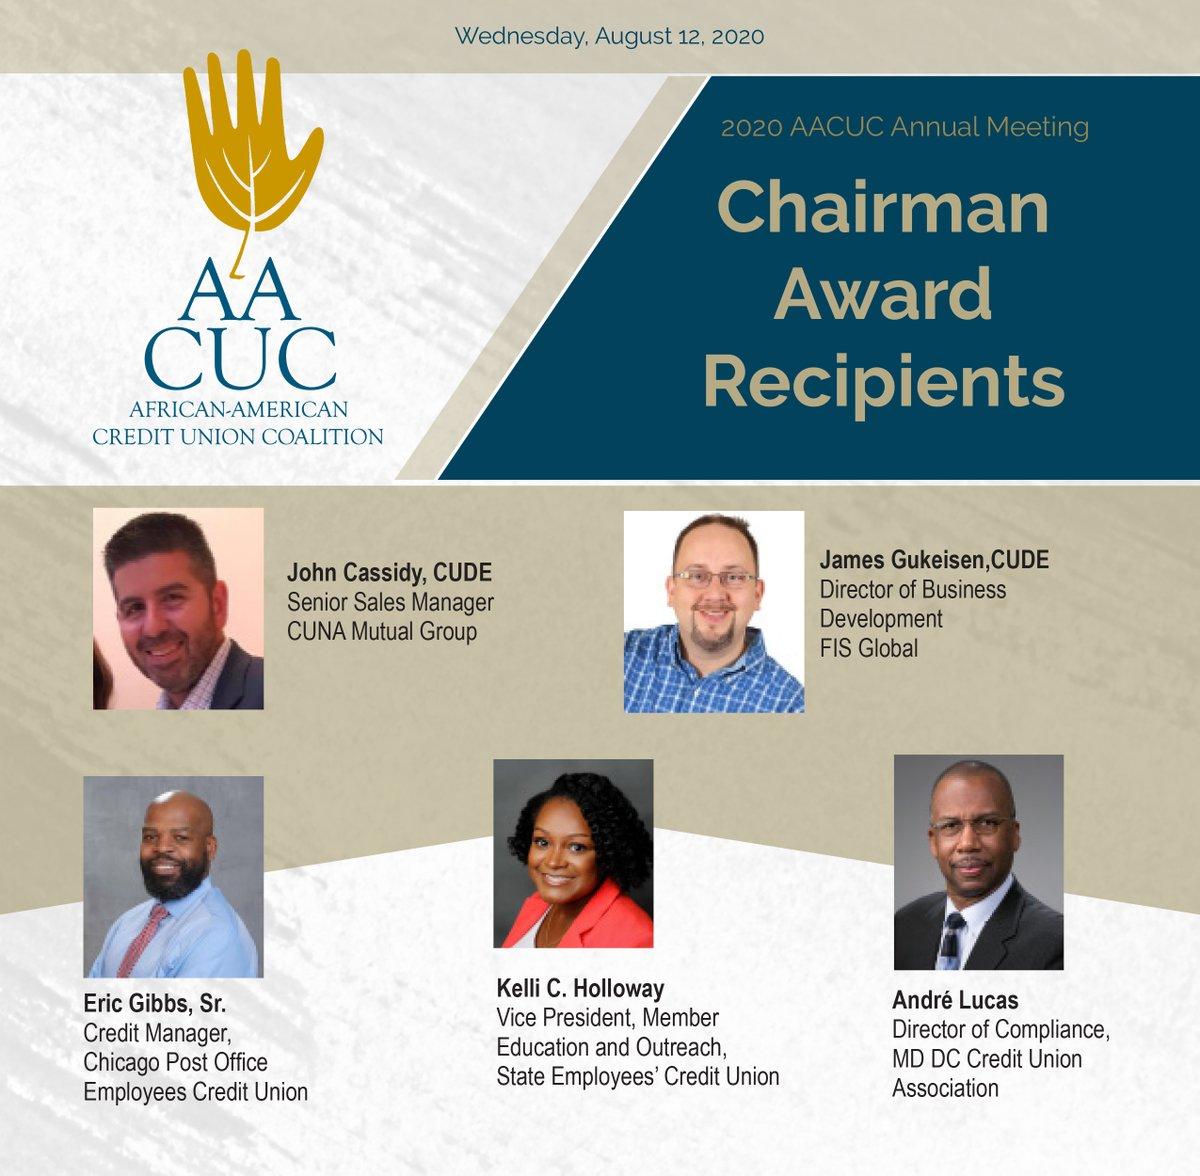 2020 AACUC Chairman Award Recipients